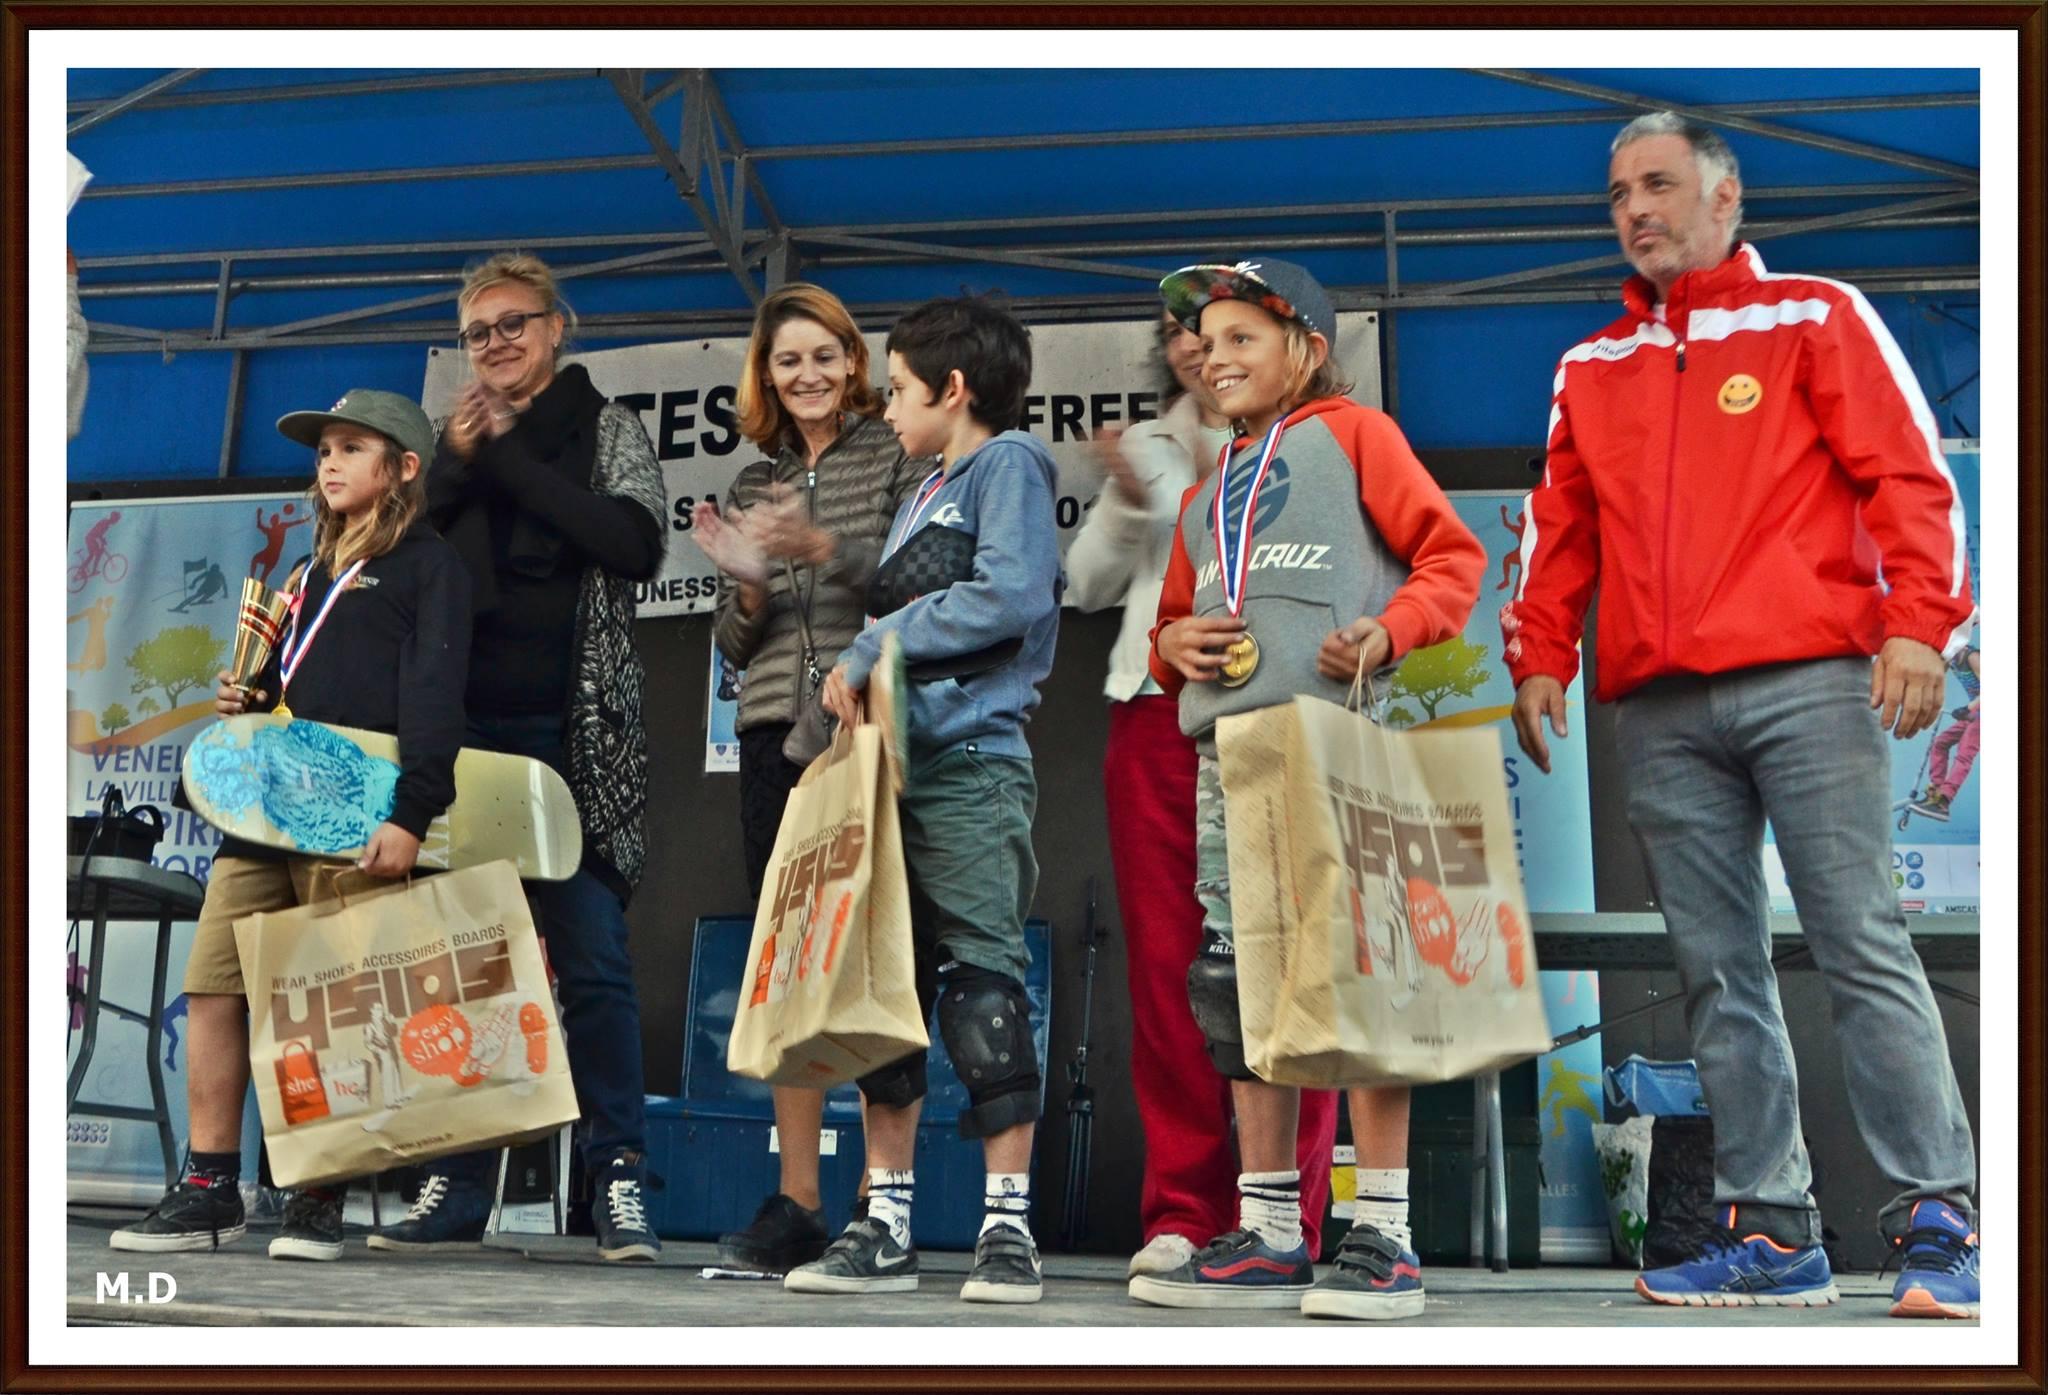 Photos de plusieurs enfants récompensés par une médaille posant fièrement sur le podium